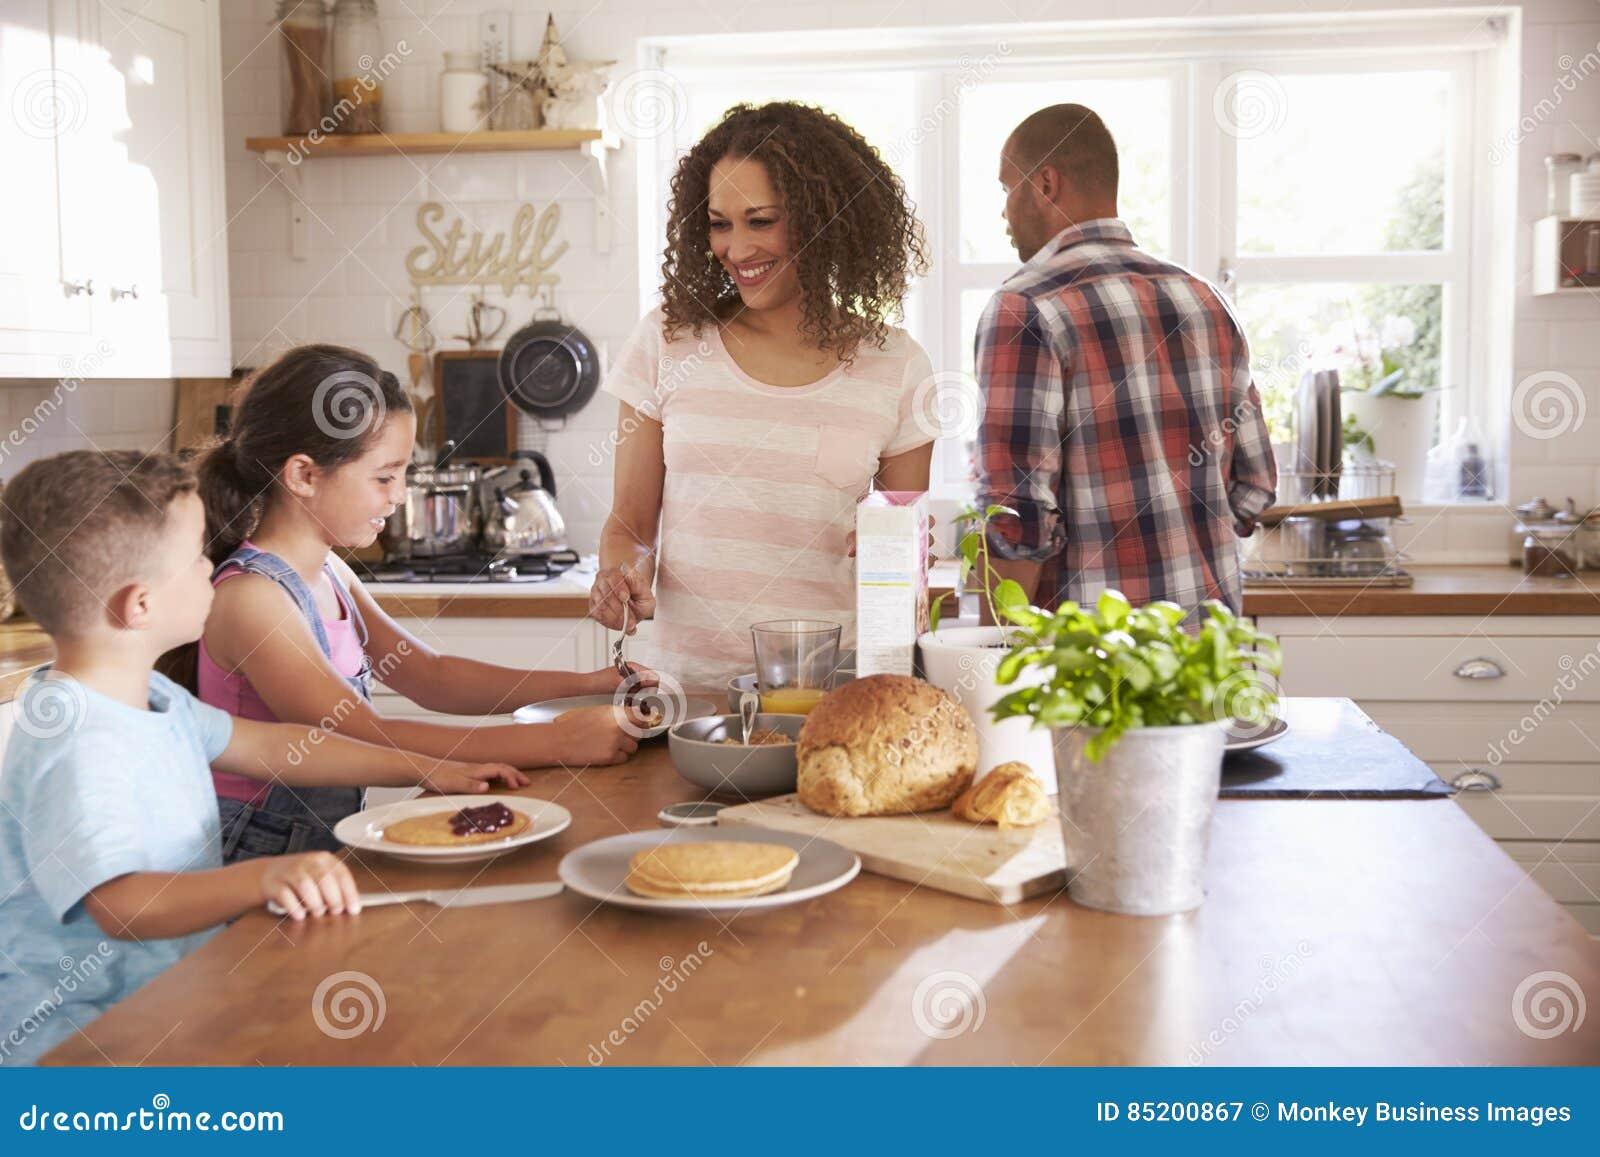 Hemmastadd ätafrukost för familj i kök tillsammans